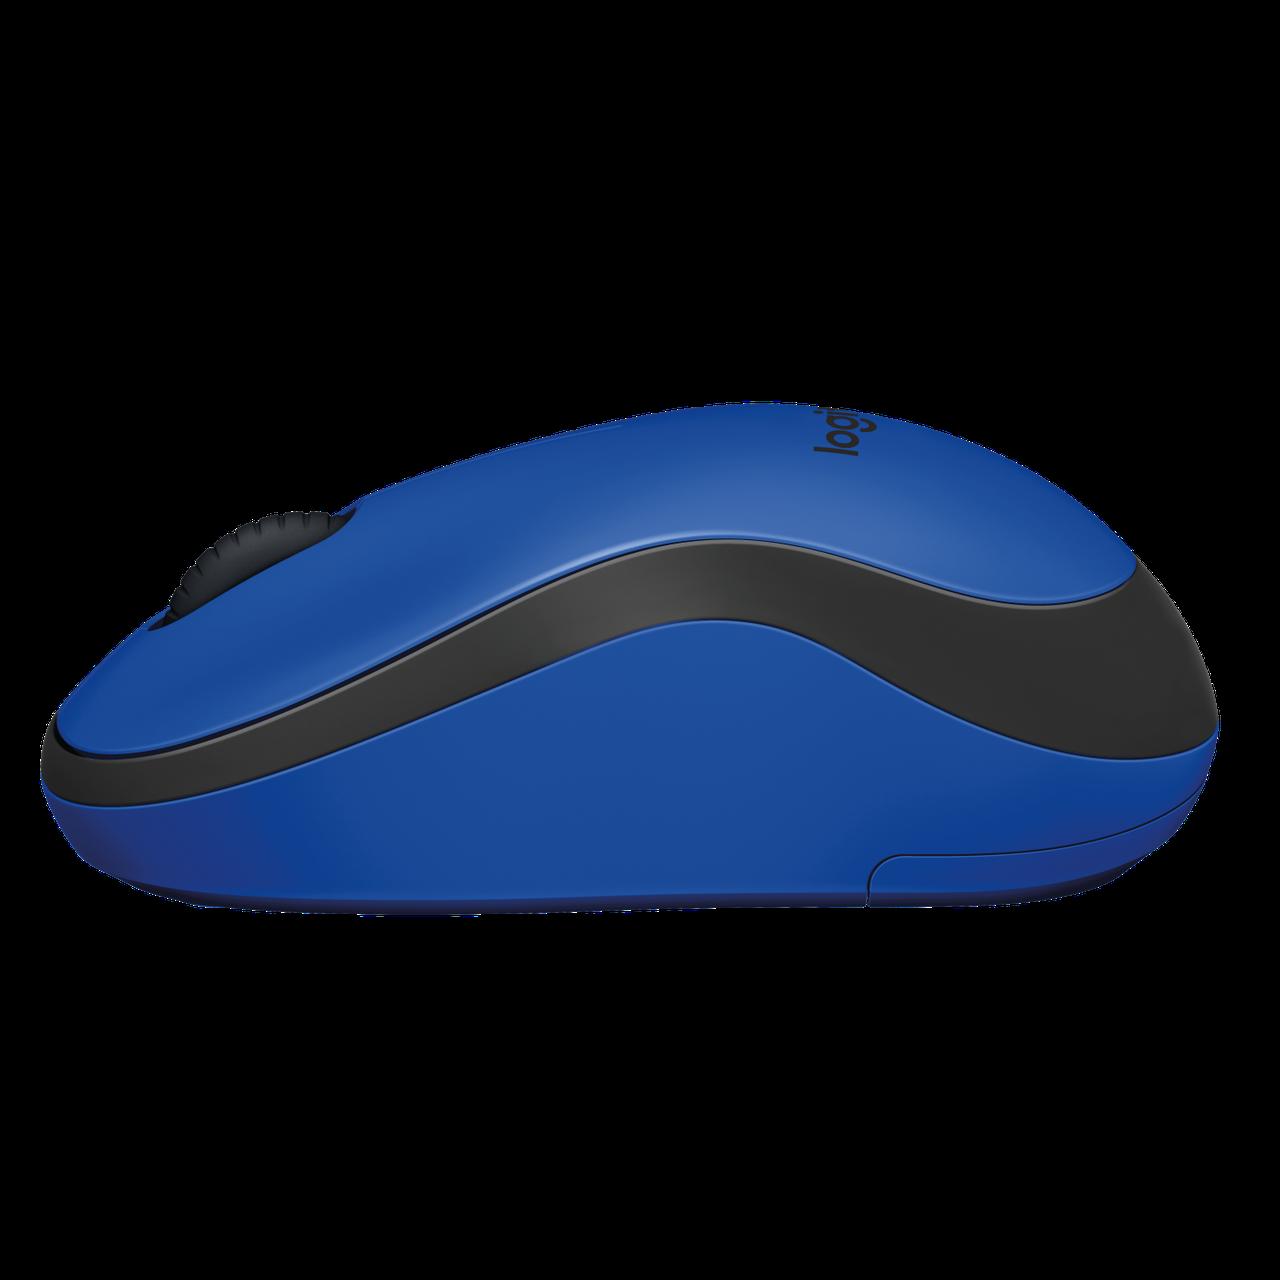 Мышь Logitech® M220 SILENT - BLUE - 2.4GHZ - EMEA